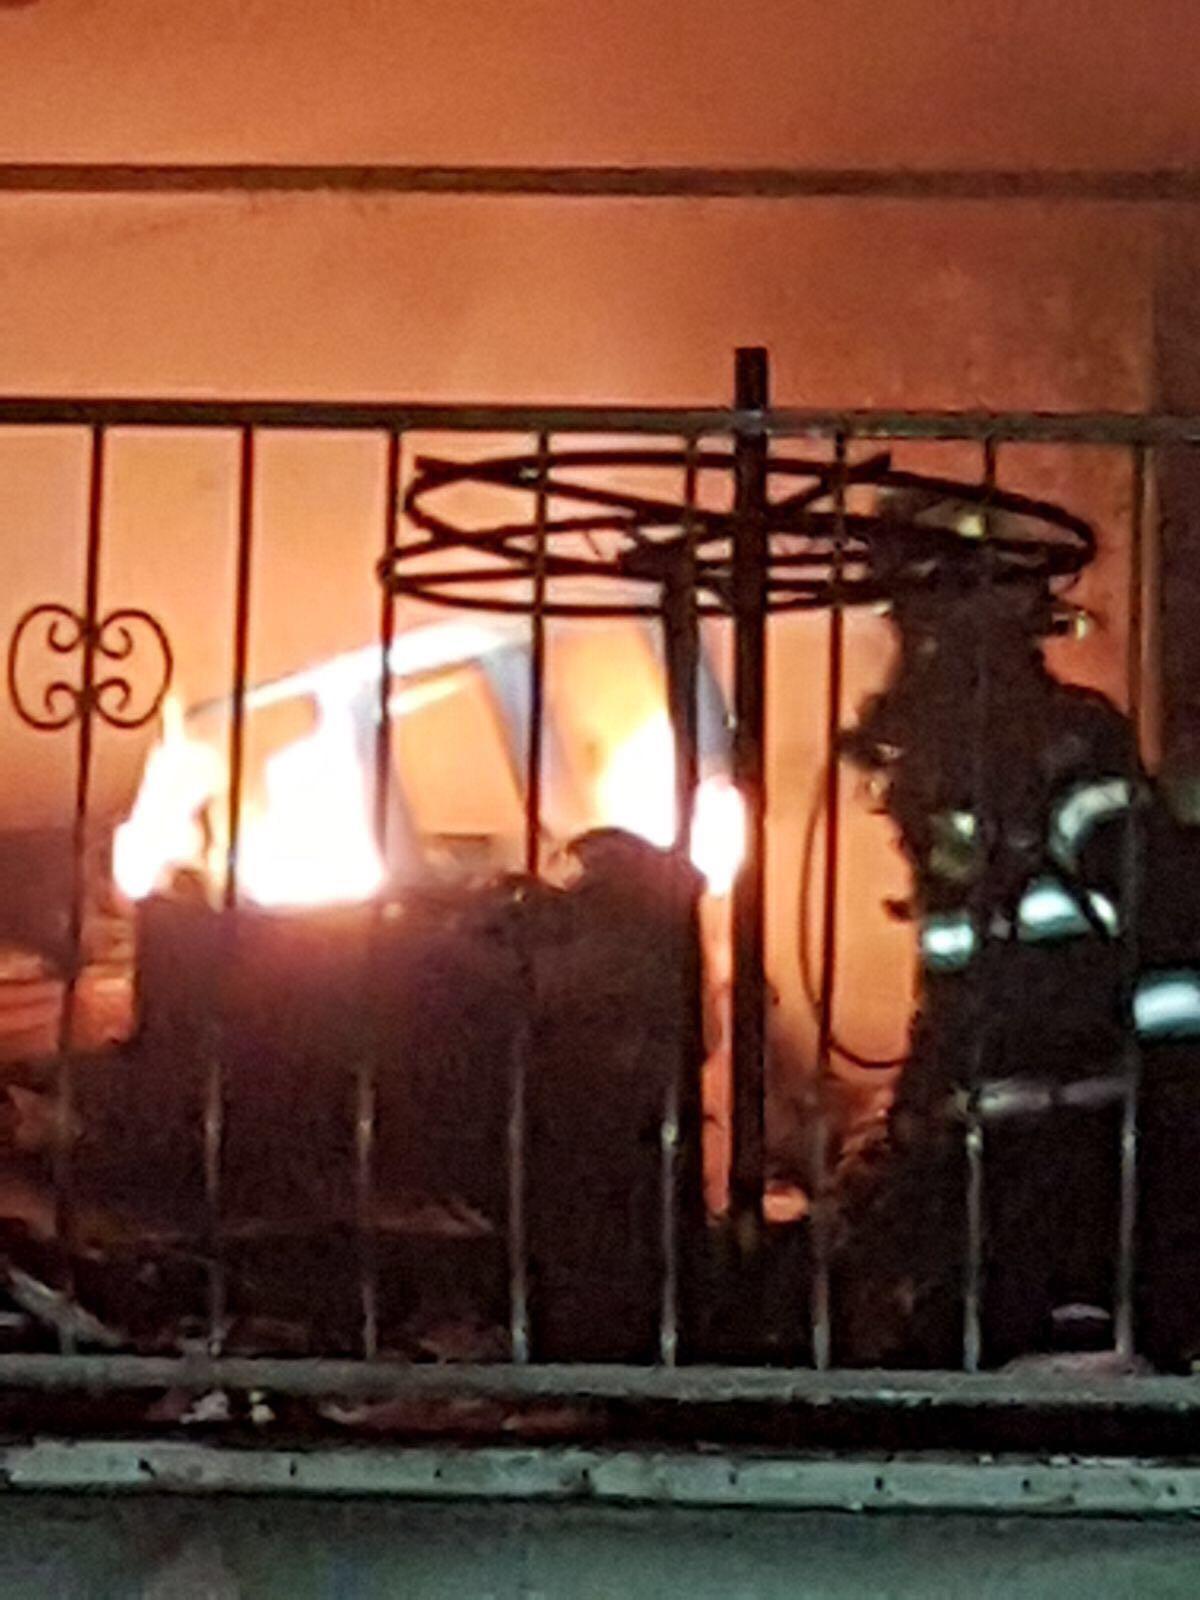 أبو سنان: إضرام النار في محل تجاري